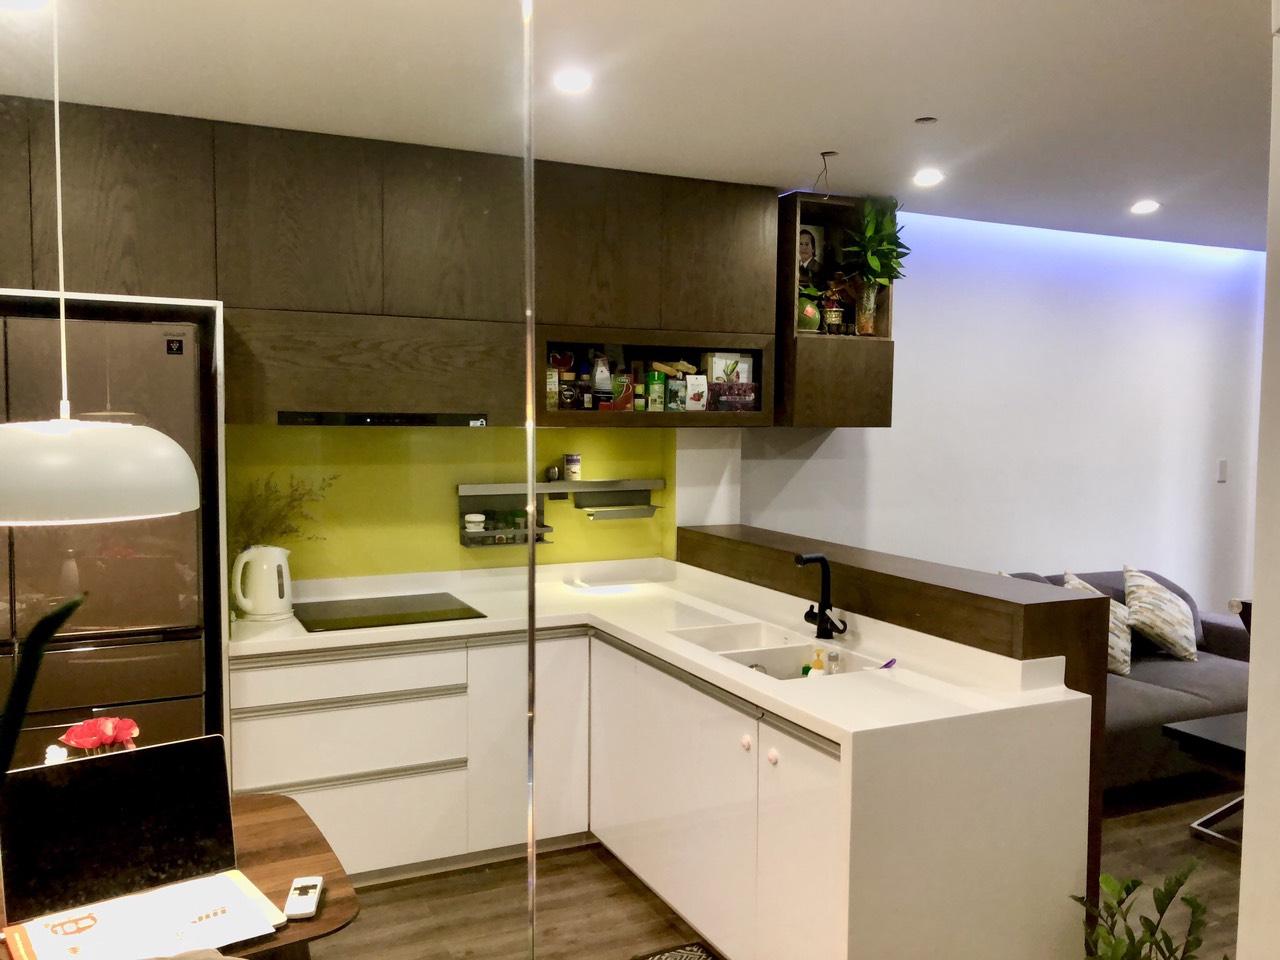 Cho Thuê 1 PN Nguyen Thi Minh Khai D1 Serviced Apartment - Đầy Đủ Nội Thất & Ấm Cúng -9